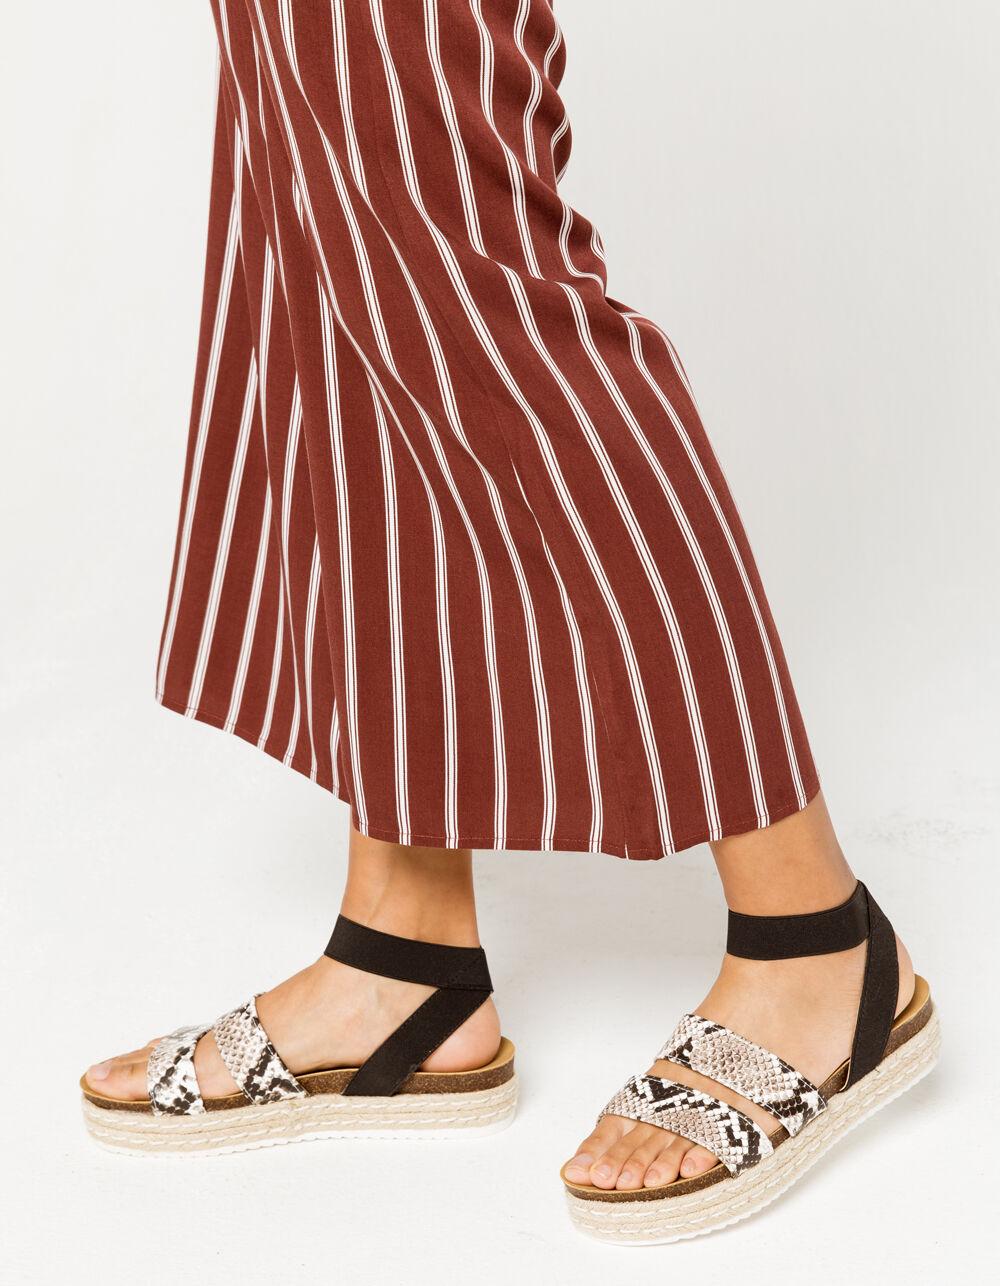 YOKI Chiara Snake Espadrille Flatform Sandals